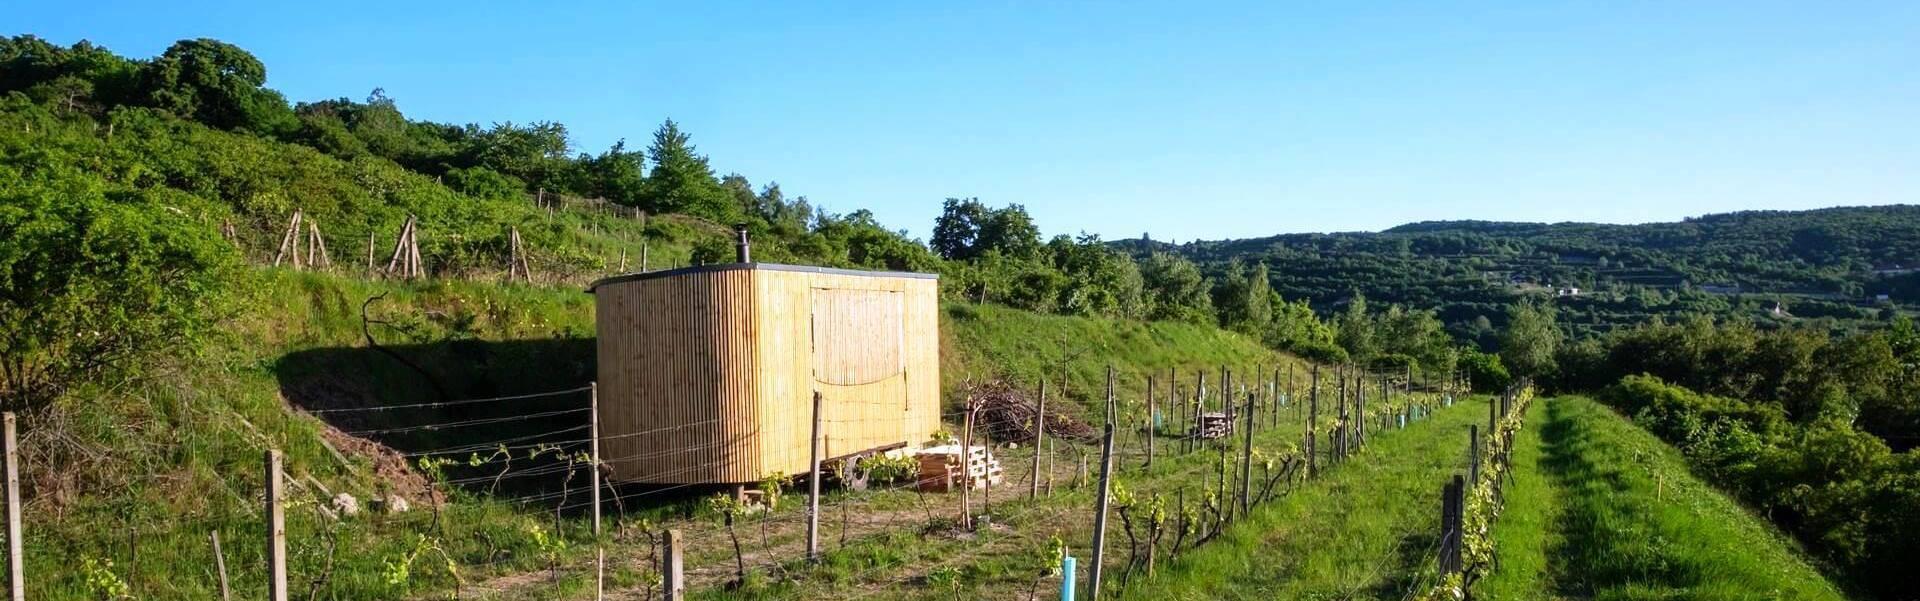 tiny-house-maringotka-projekty-domov-priestor-s-dusou